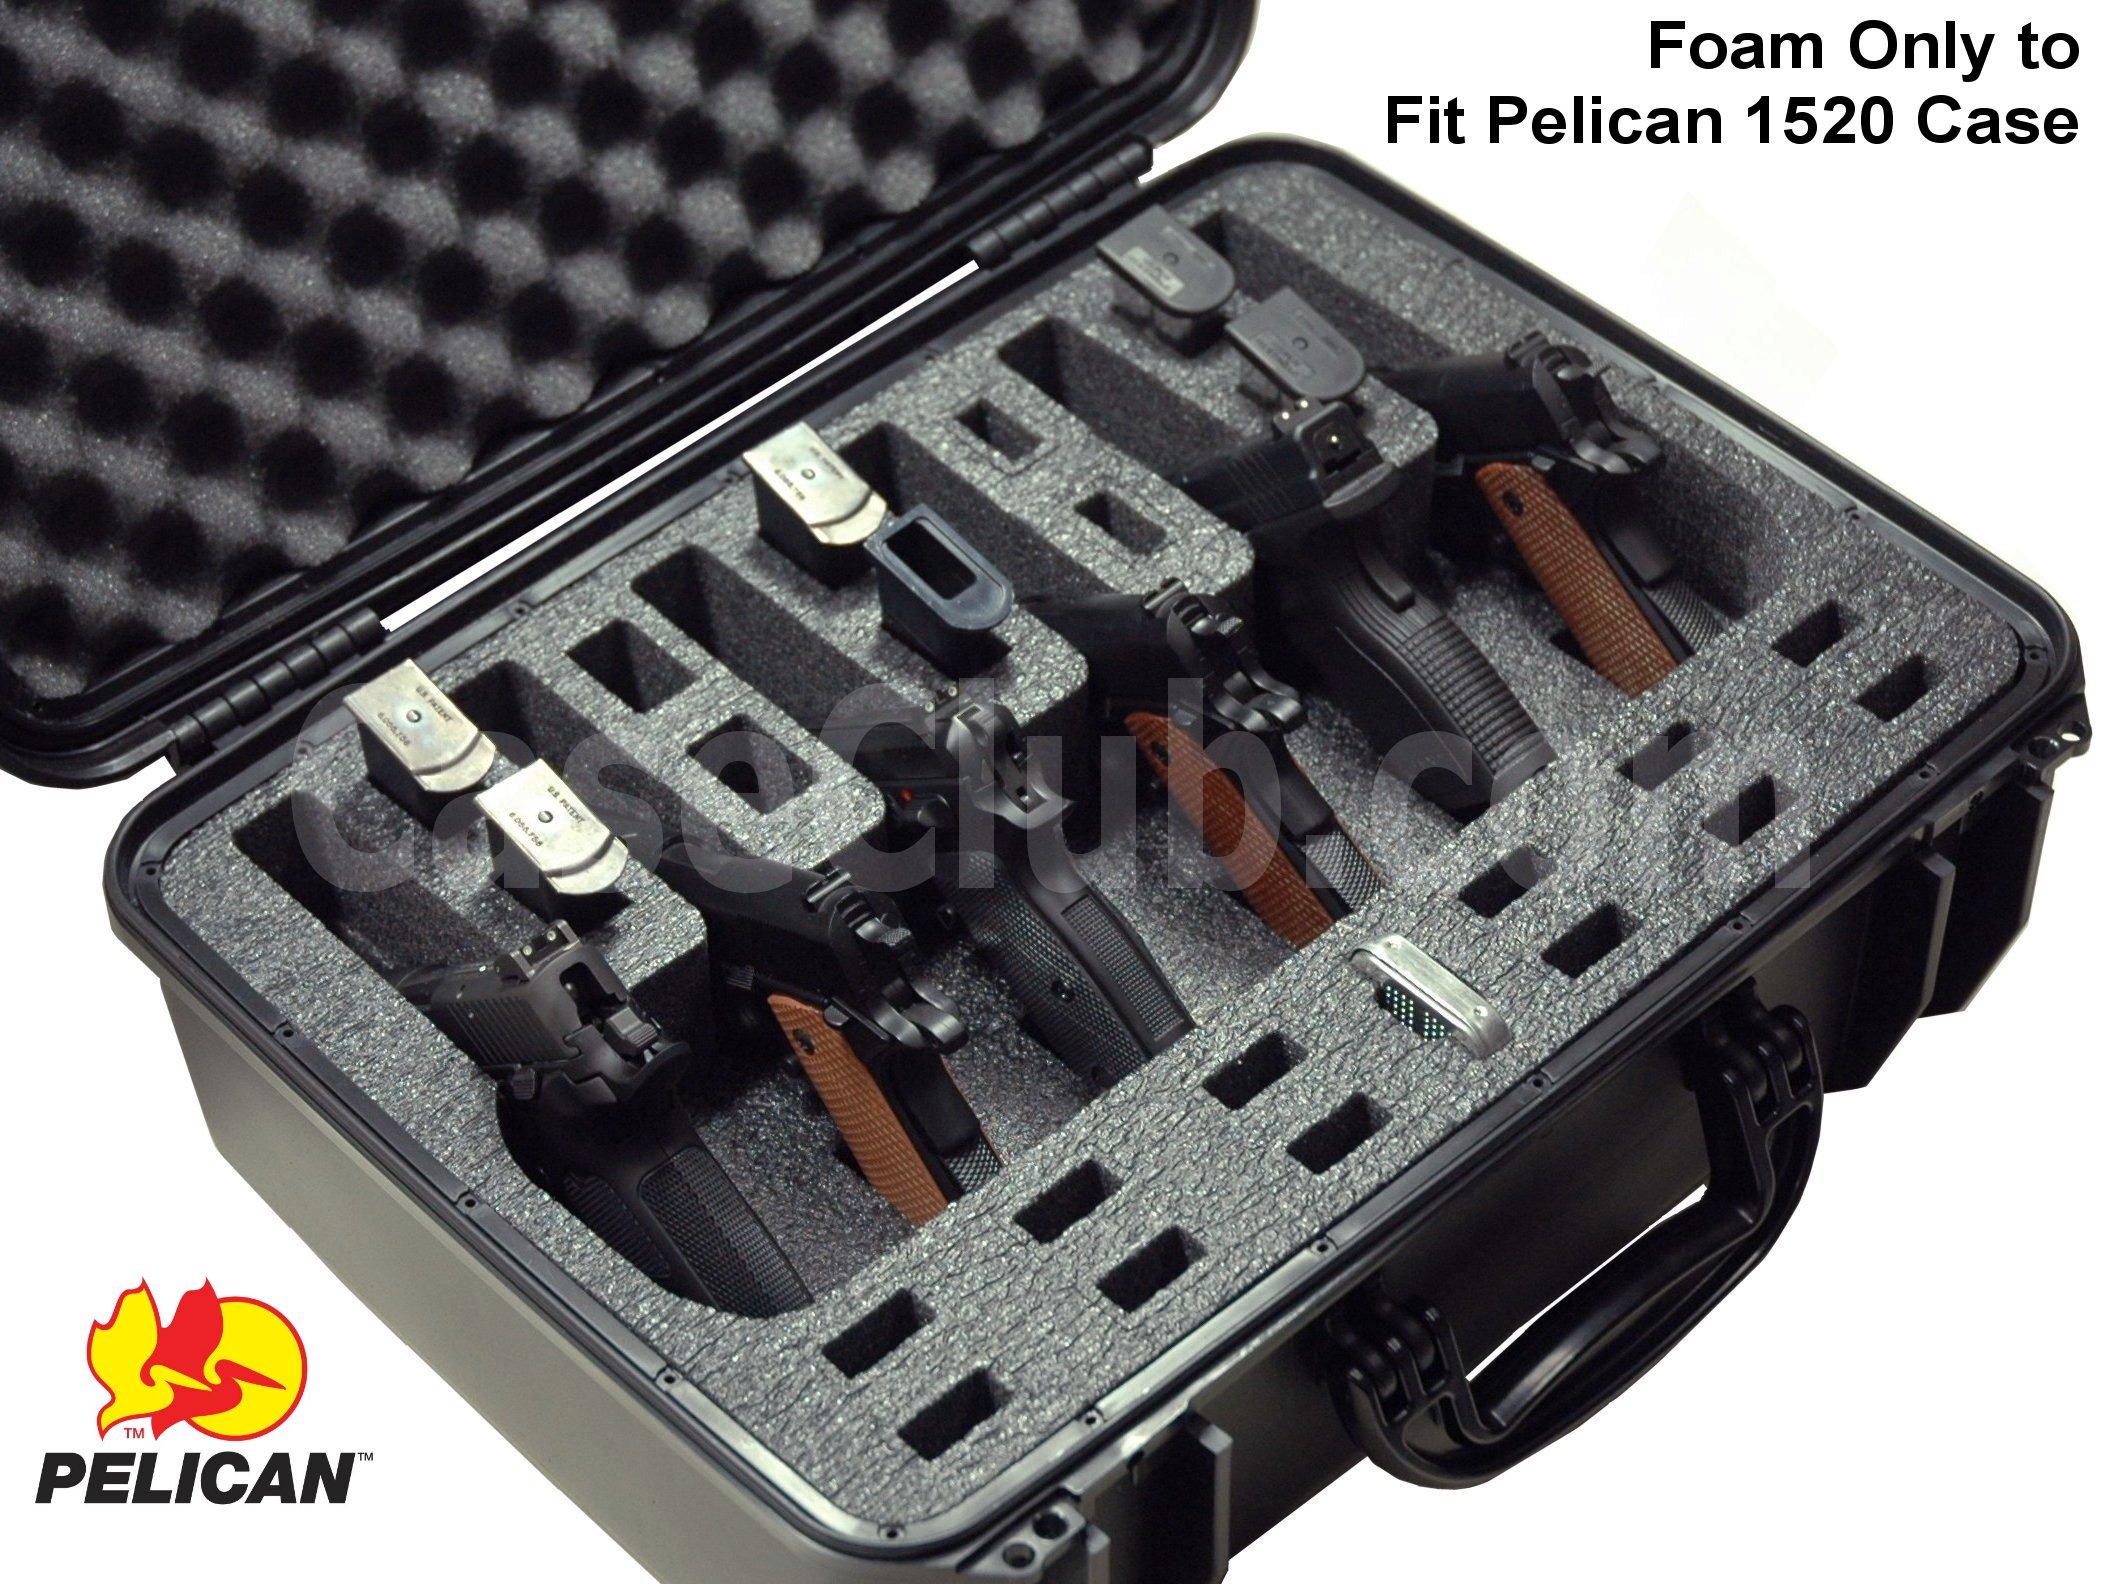 Pelican™ 1520 Case Custom Foam Example: 6 Pistol Foam Only For The Pelican™ 1520 Case